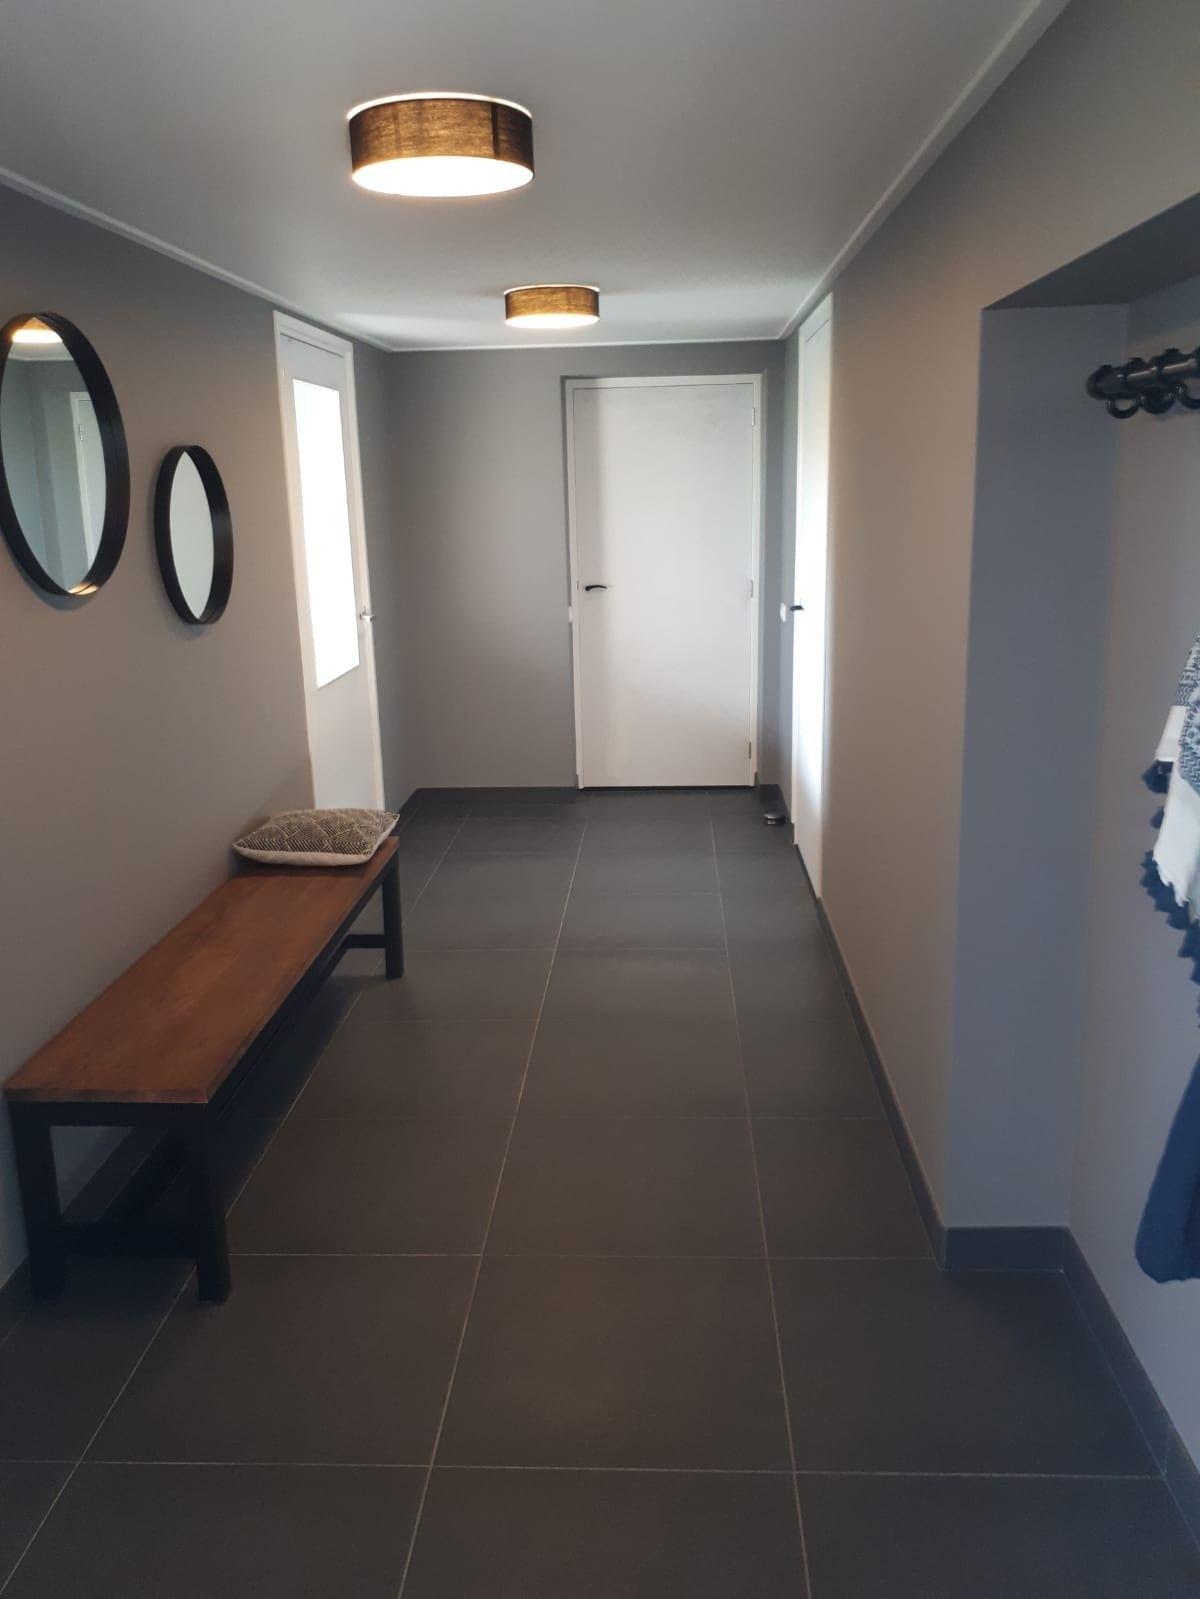 Pin Van Celine Zonneveld Op S De Roos Tegelwerk Thuisdecoratie Thuis Huis Ideeen Decoratie